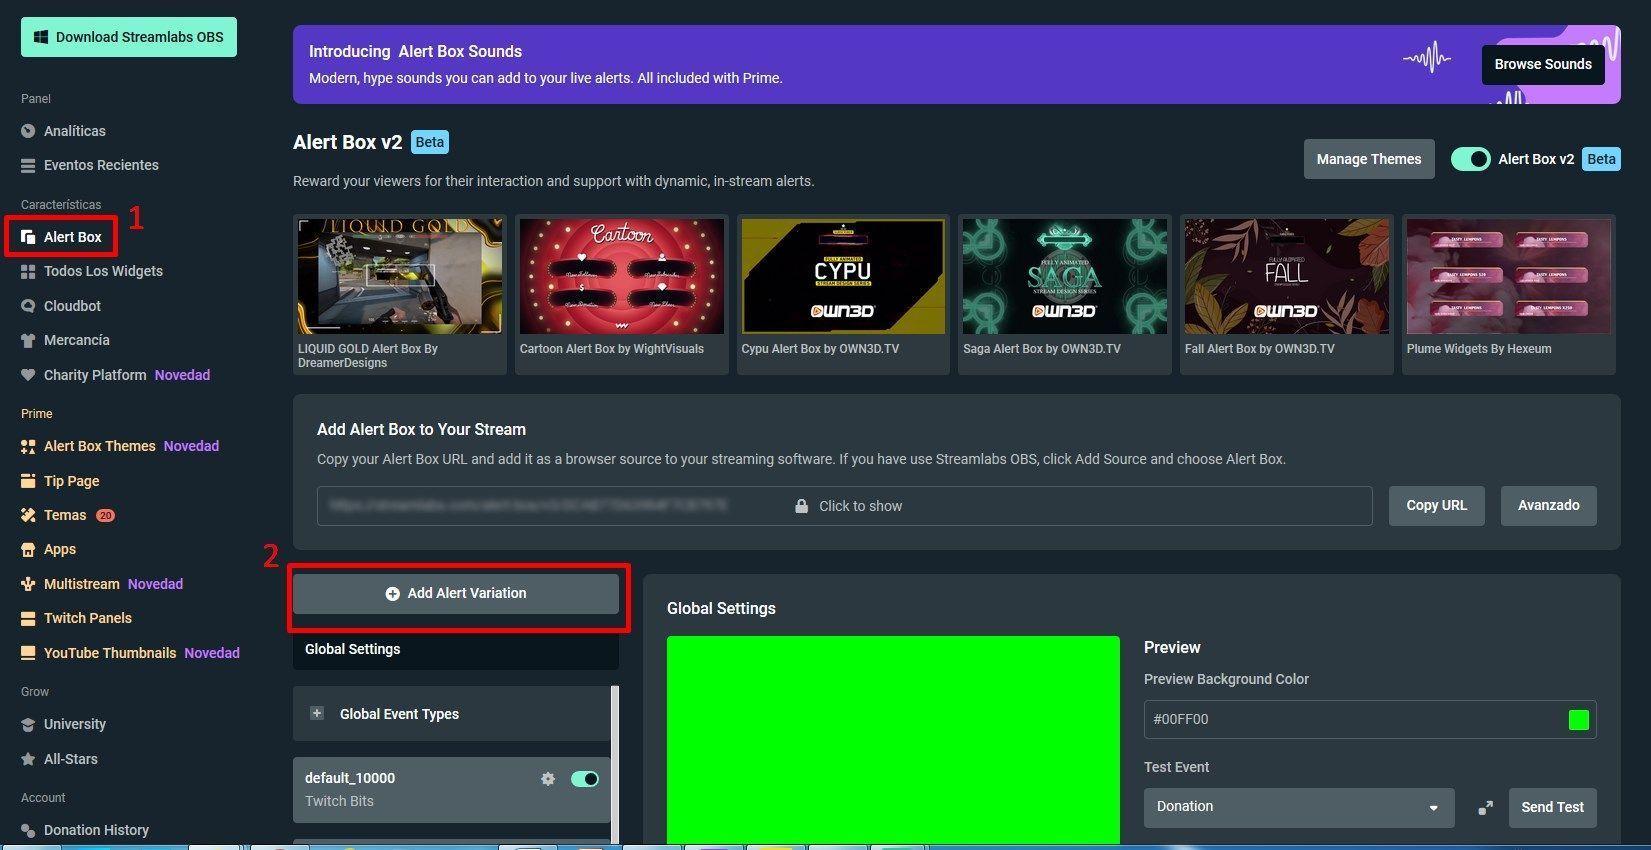 crear nueva alerta en Twitch